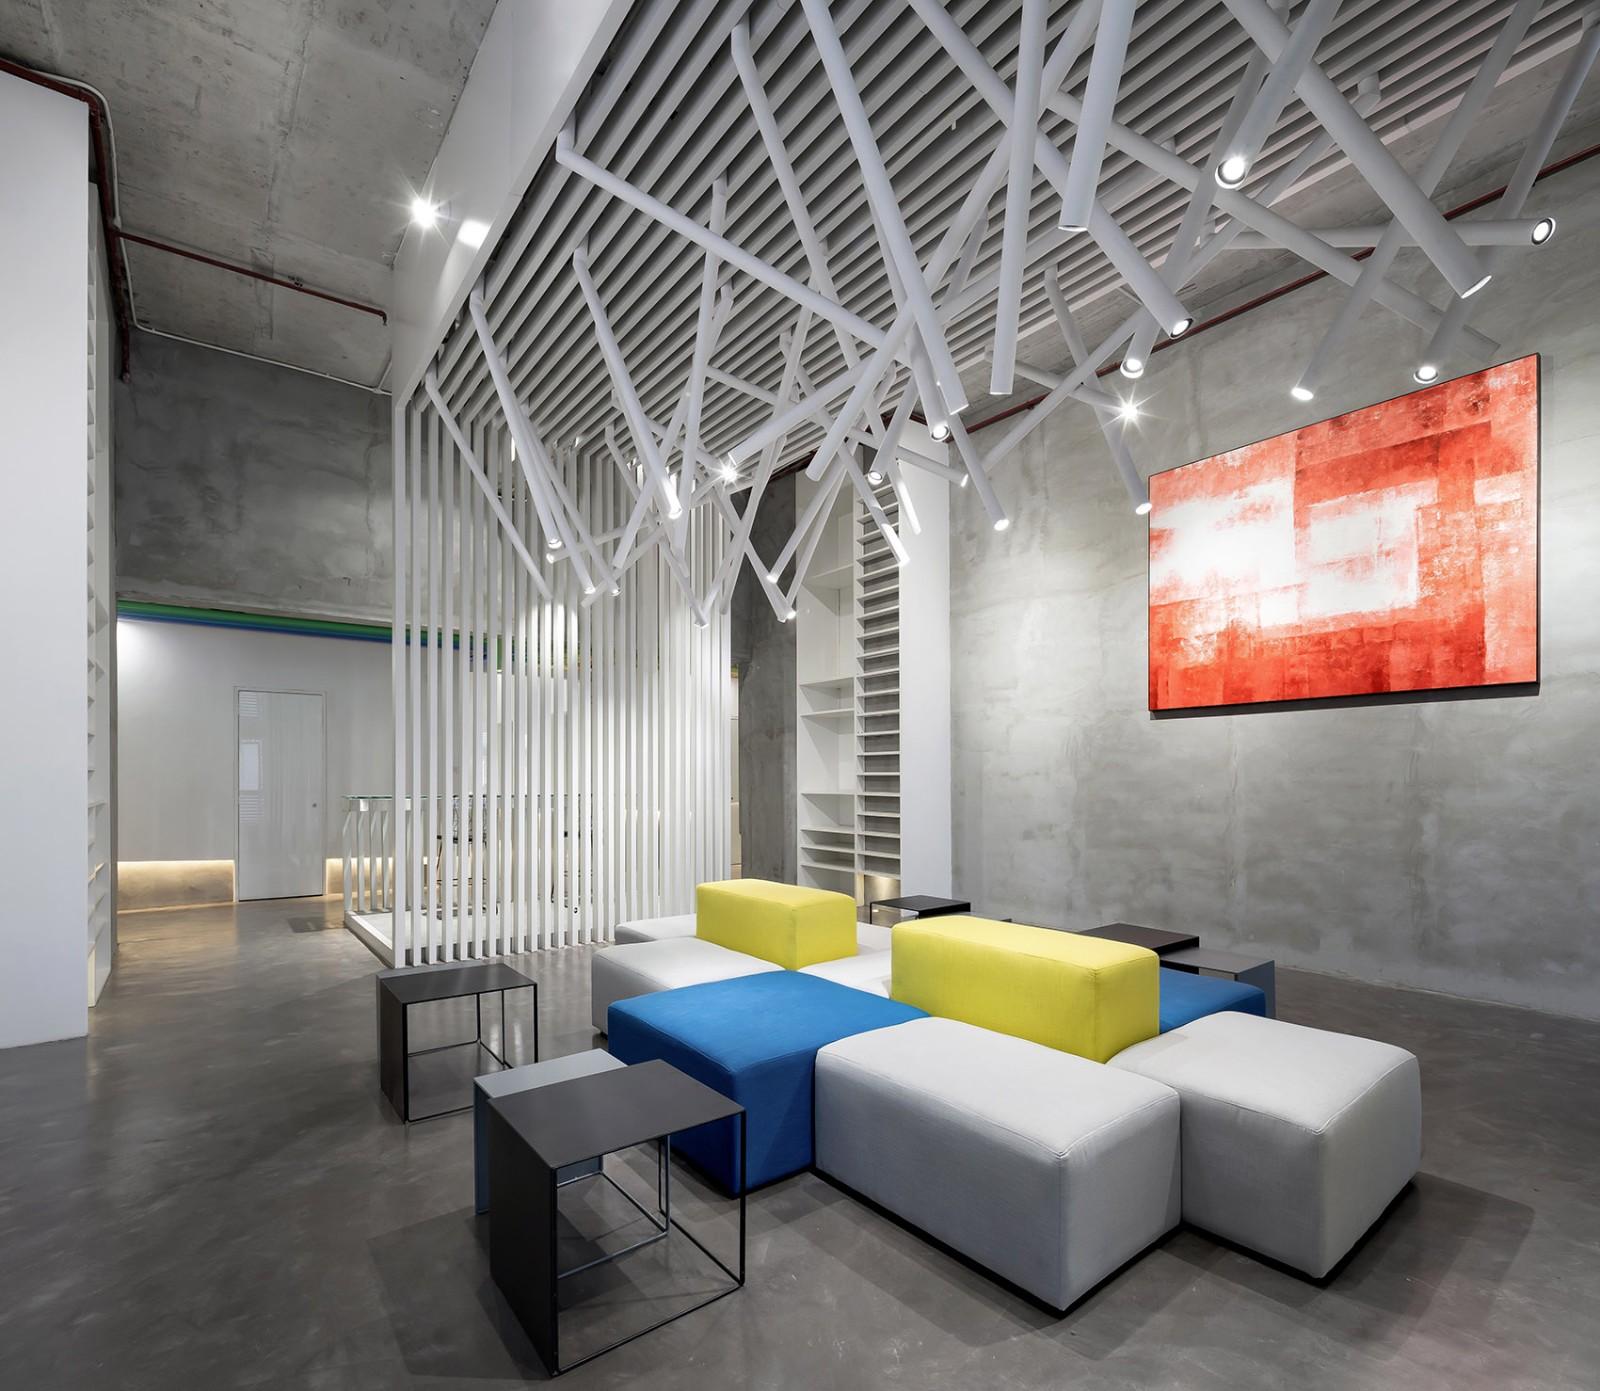 钢筋混凝土中的梦幻彩虹办公设计 | 兆阳O立方热点实现社。